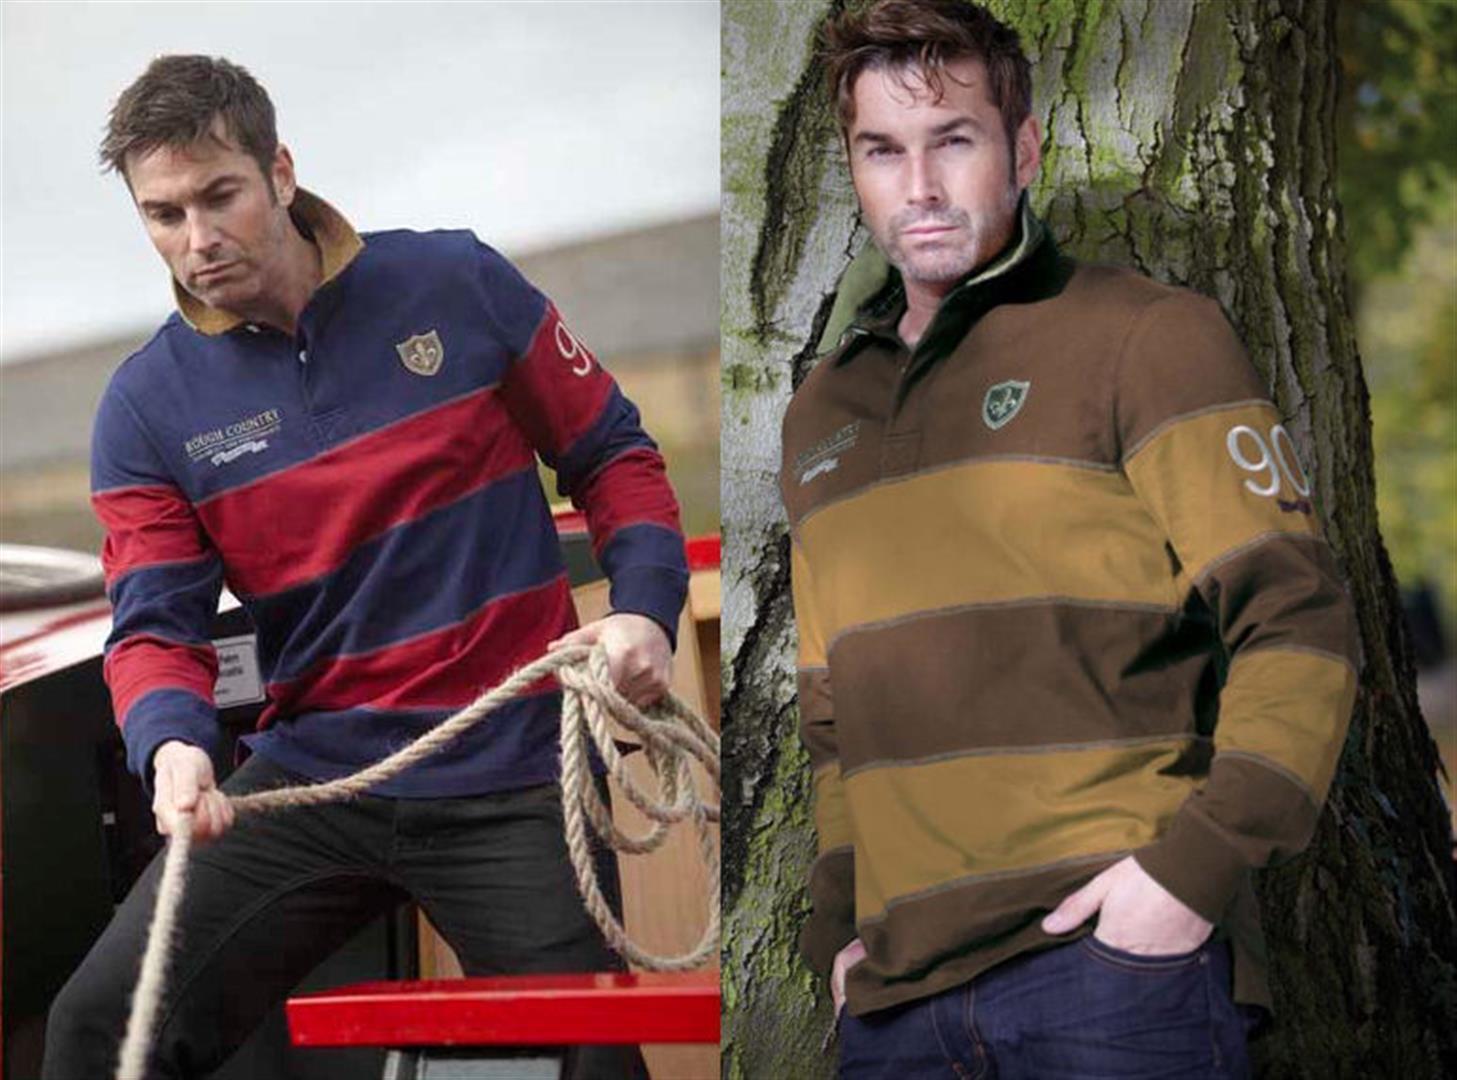 Descri Anderson Para  Hombre Algodón Camiseta De Rugby Tallas S-Xxl Mocha O navy mulled Vino  muchas sorpresas